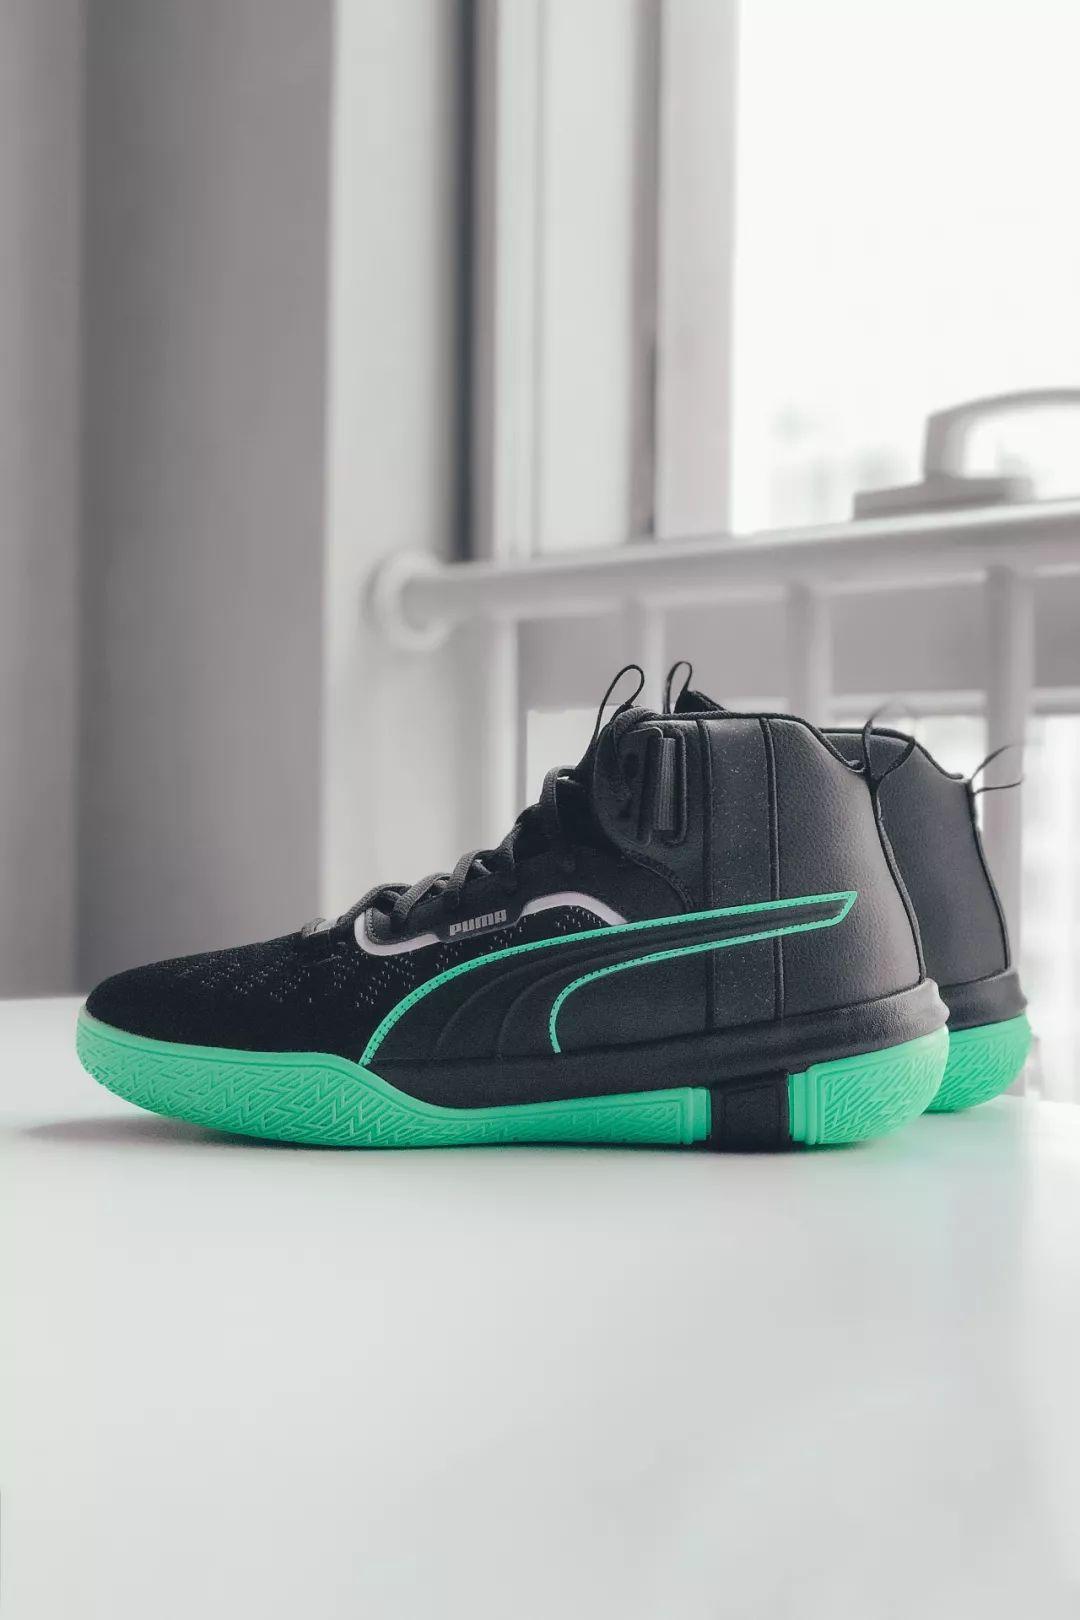 【热点】PUMA的篮球鞋,为什么会越出越便宜?